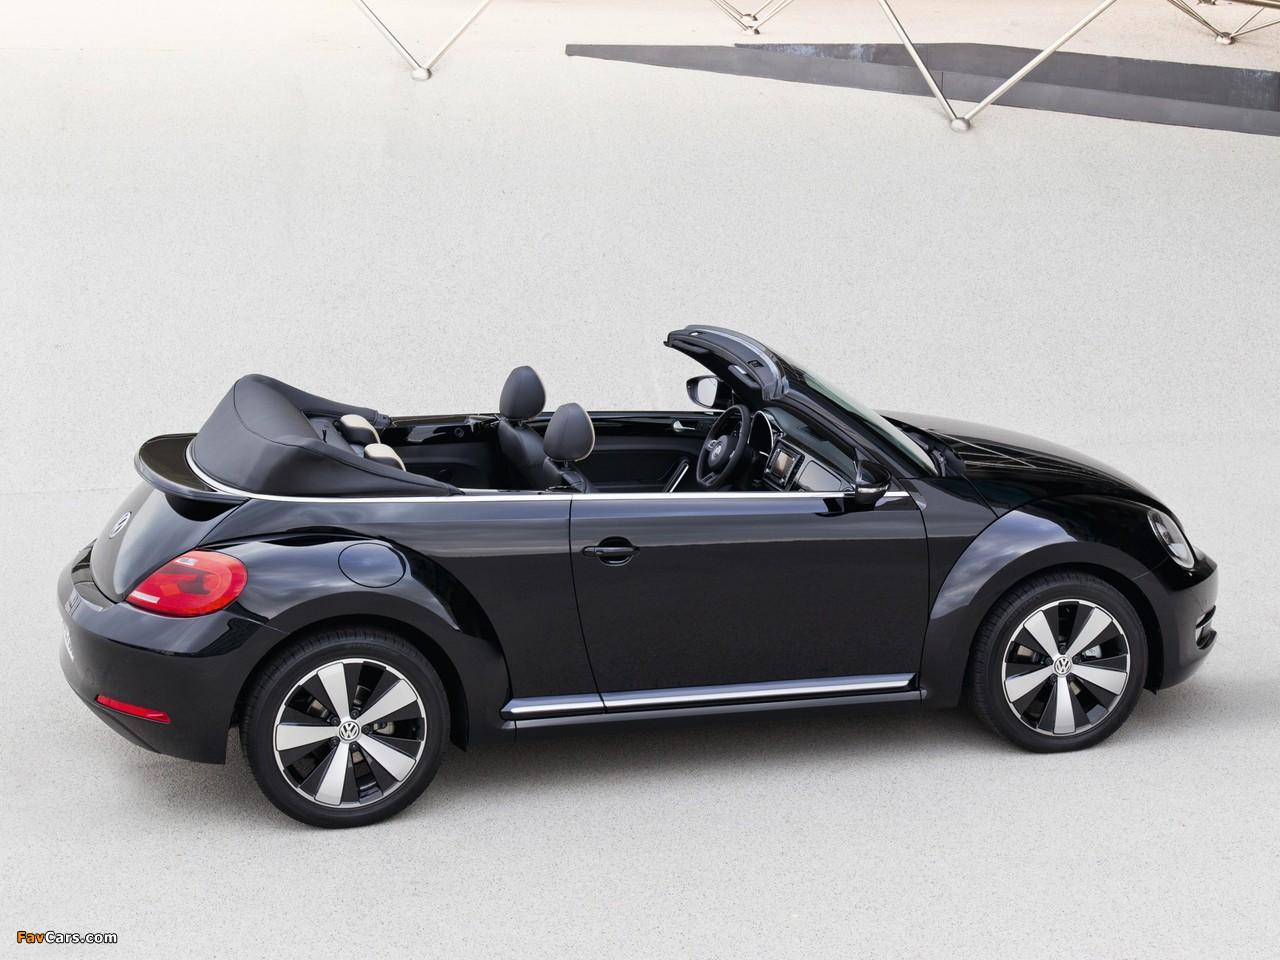 Volkswagen Beetle Cabrio Exclusive 2012 images (1280 x 960)